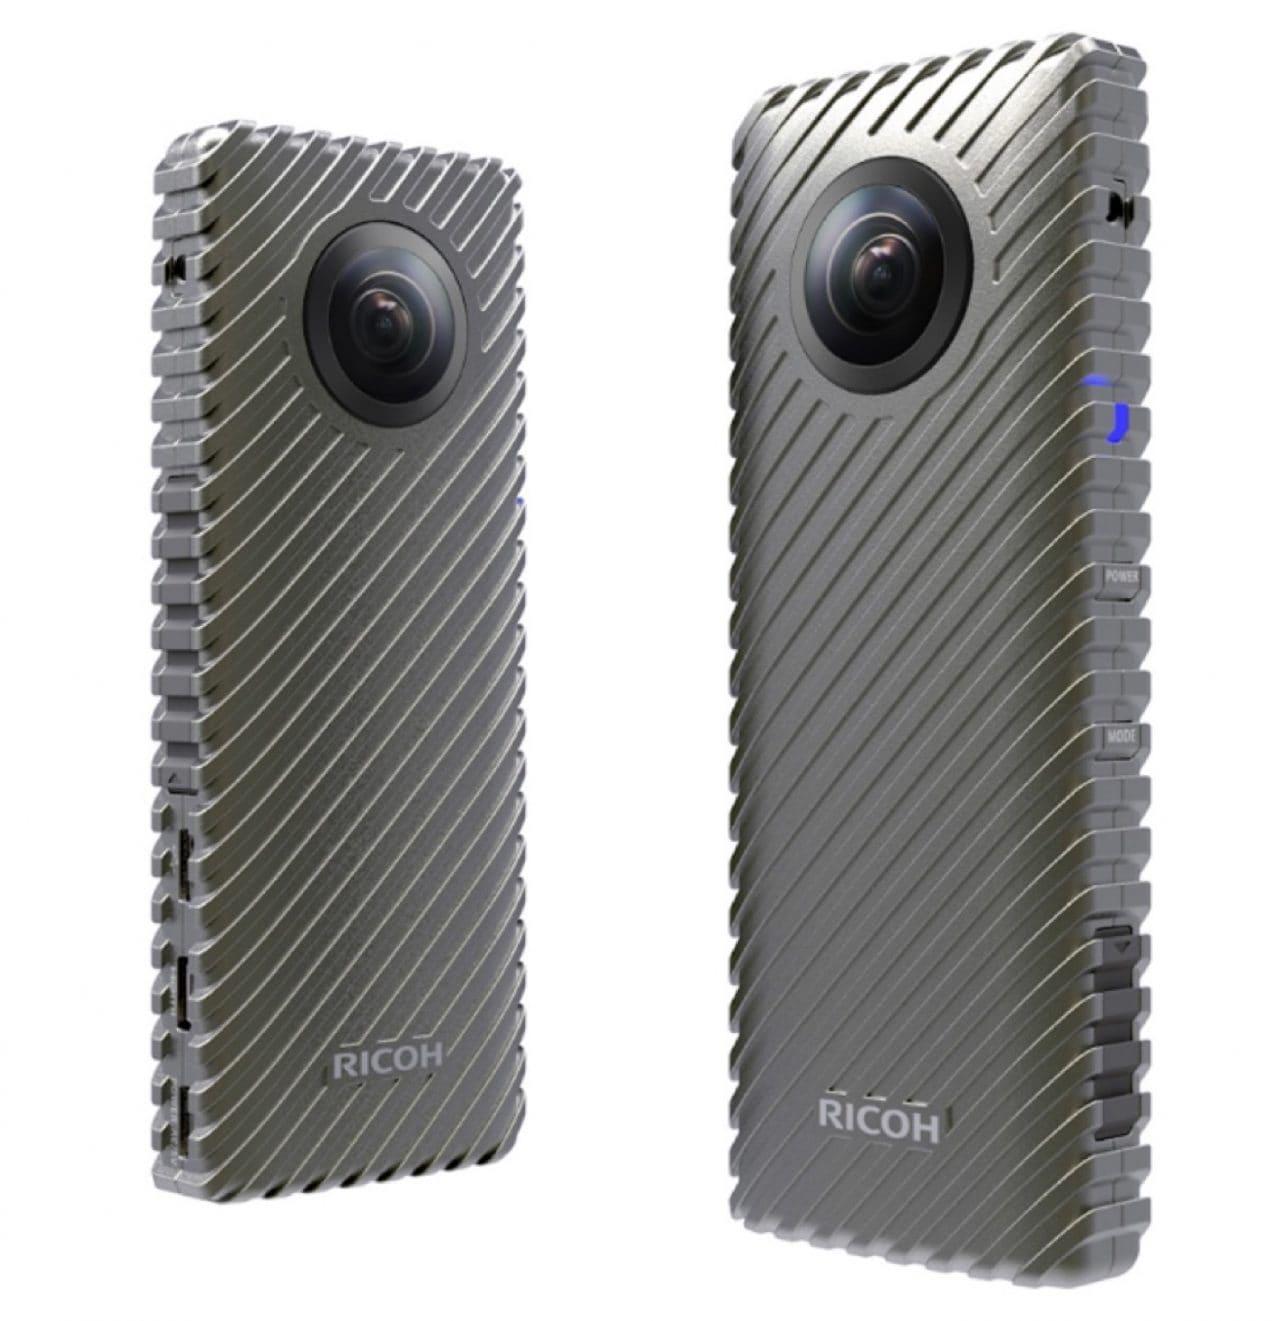 Ricoh R è la videocamera a 360° perfetta per i live streaming sui social (foto)